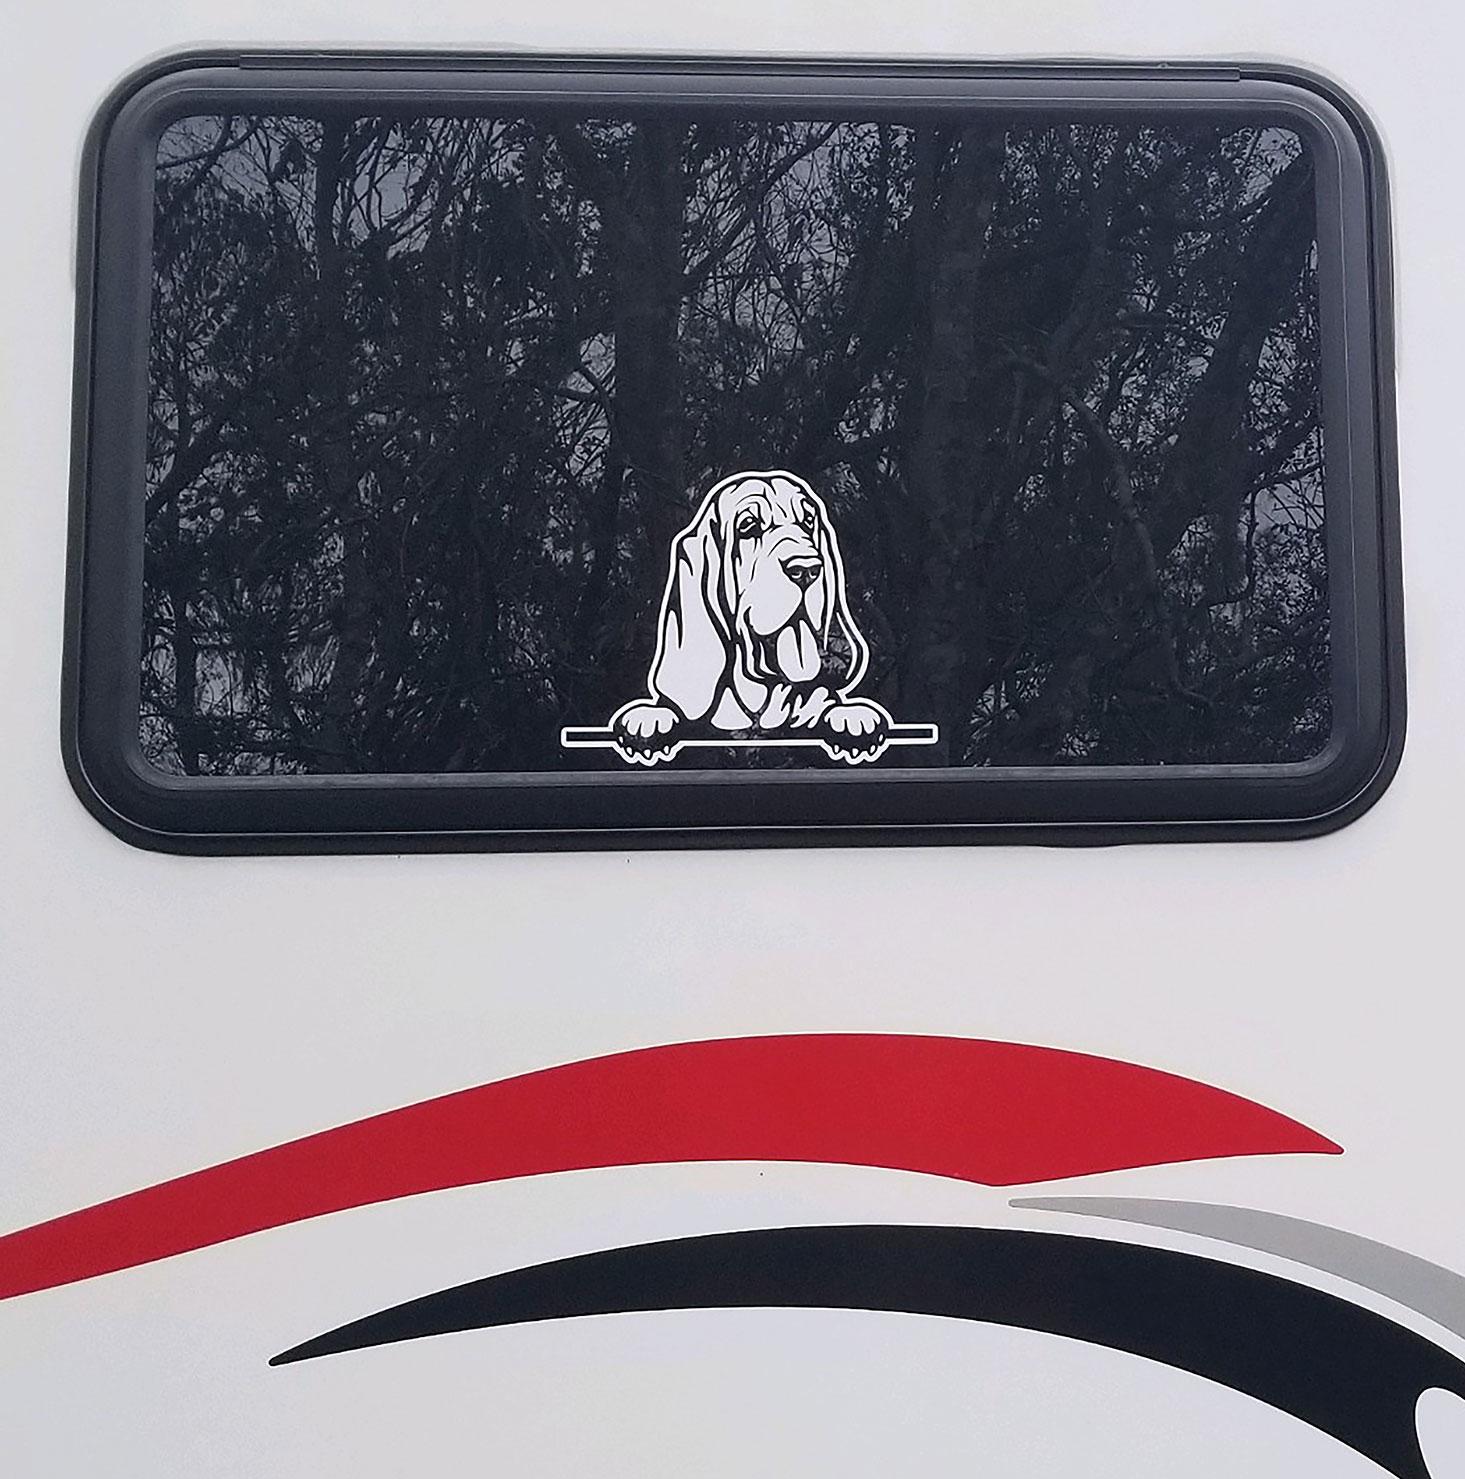 2bloodhound-peeking-in-the-window-rv-decals.jpg